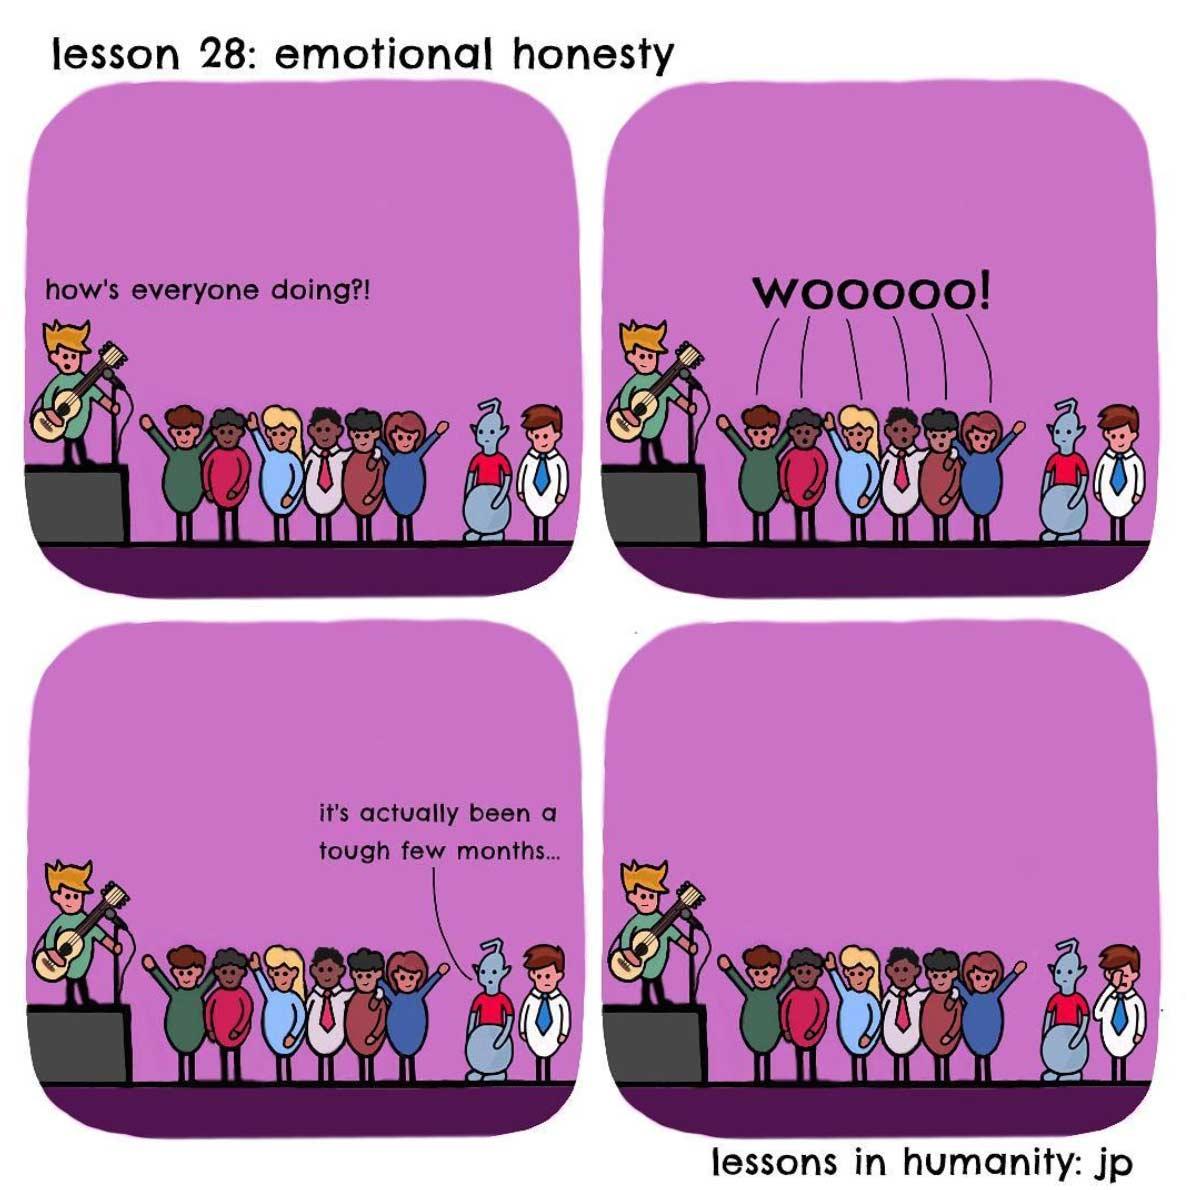 Einem Alien menschliches Verhalten erklären lessons-in-humanity-webcomic_03